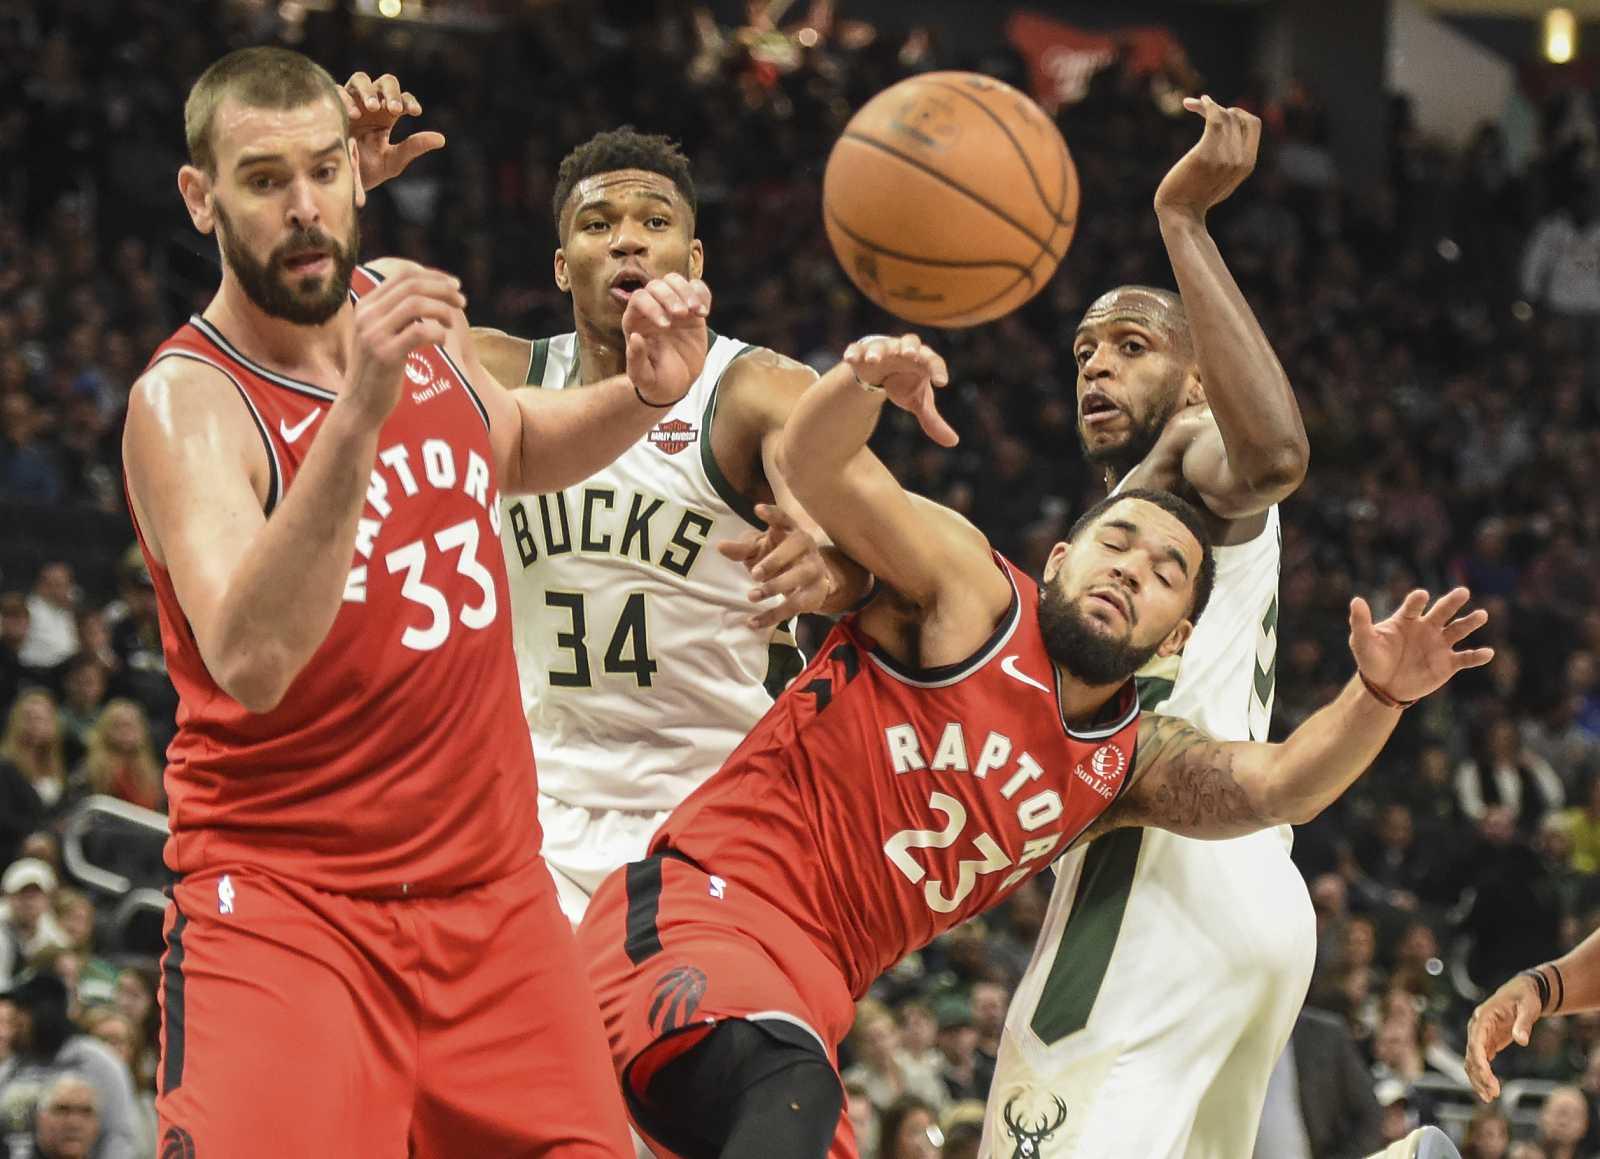 Marc Gasol trata de capturar el balón durante el duelo entre Raptors y Bucks.